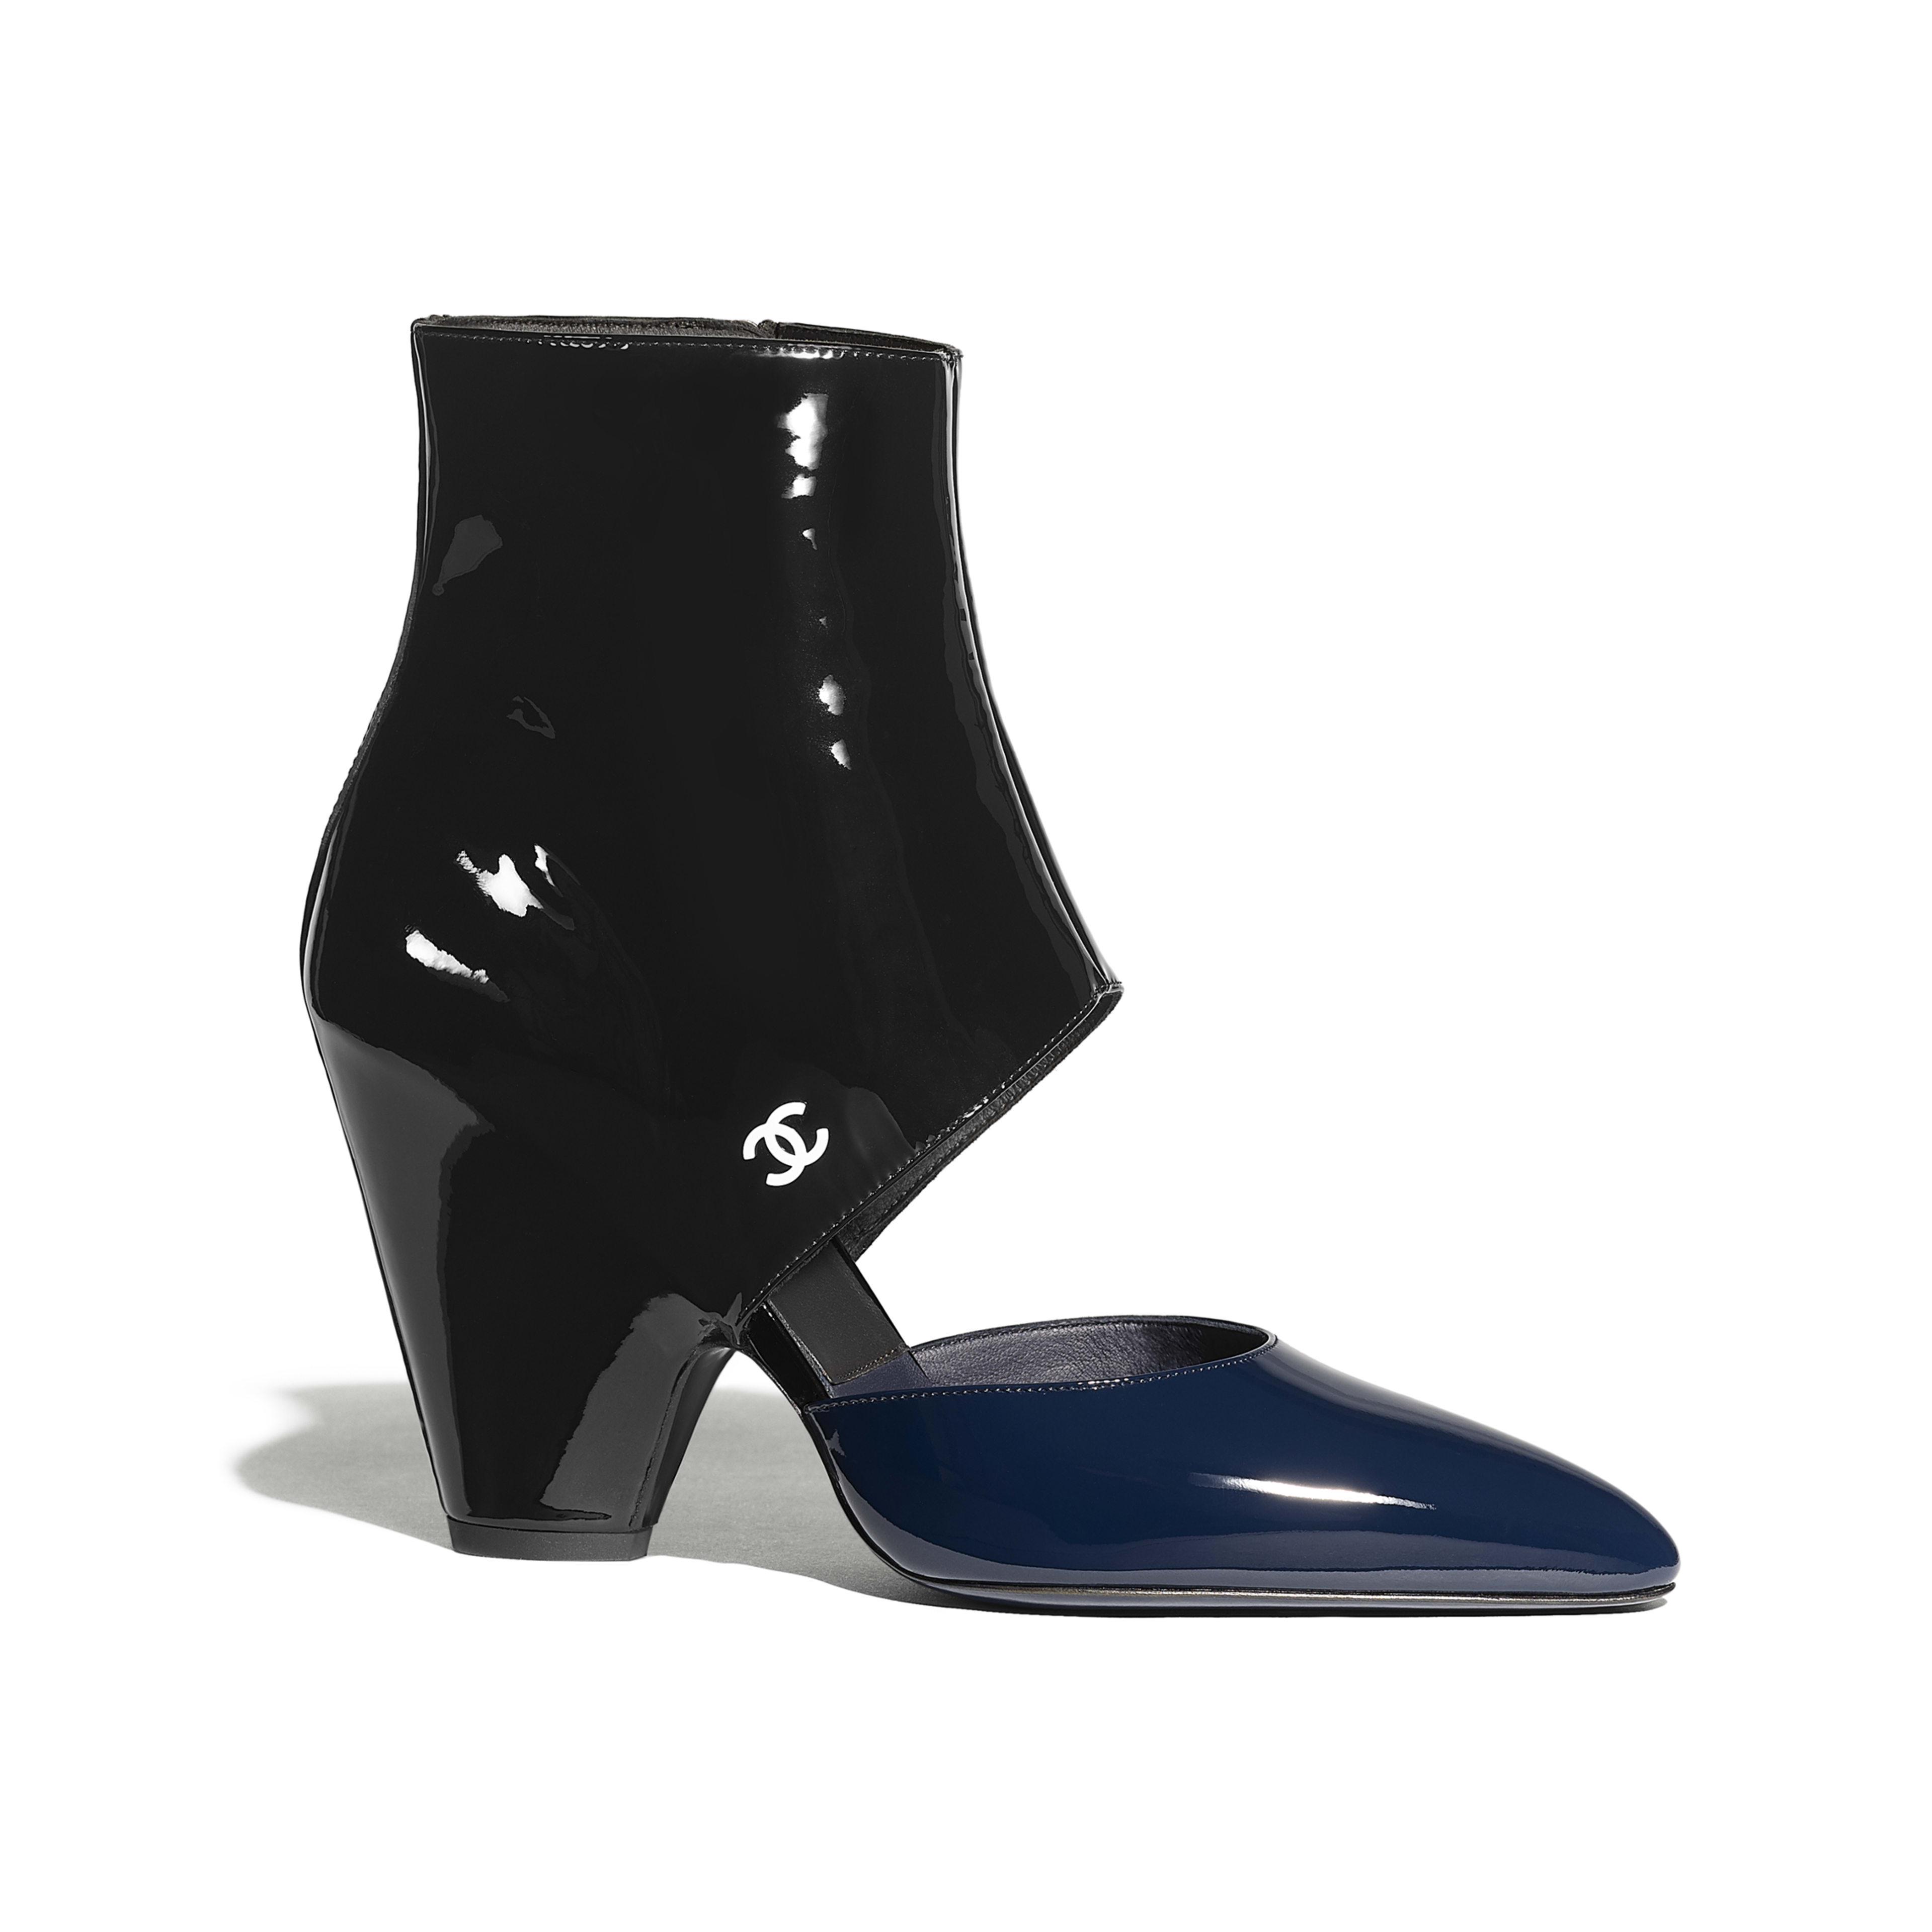 รองเท้าบู้ทสูงเท่าข้อเท้าแบบเปิดด้านหน้า - สีน้ำเงินเนวี่บลูและสีดำ - หนังลูกวัวเคลือบเงา - มุมมองปัจจุบัน - ดูเวอร์ชันขนาดเต็ม